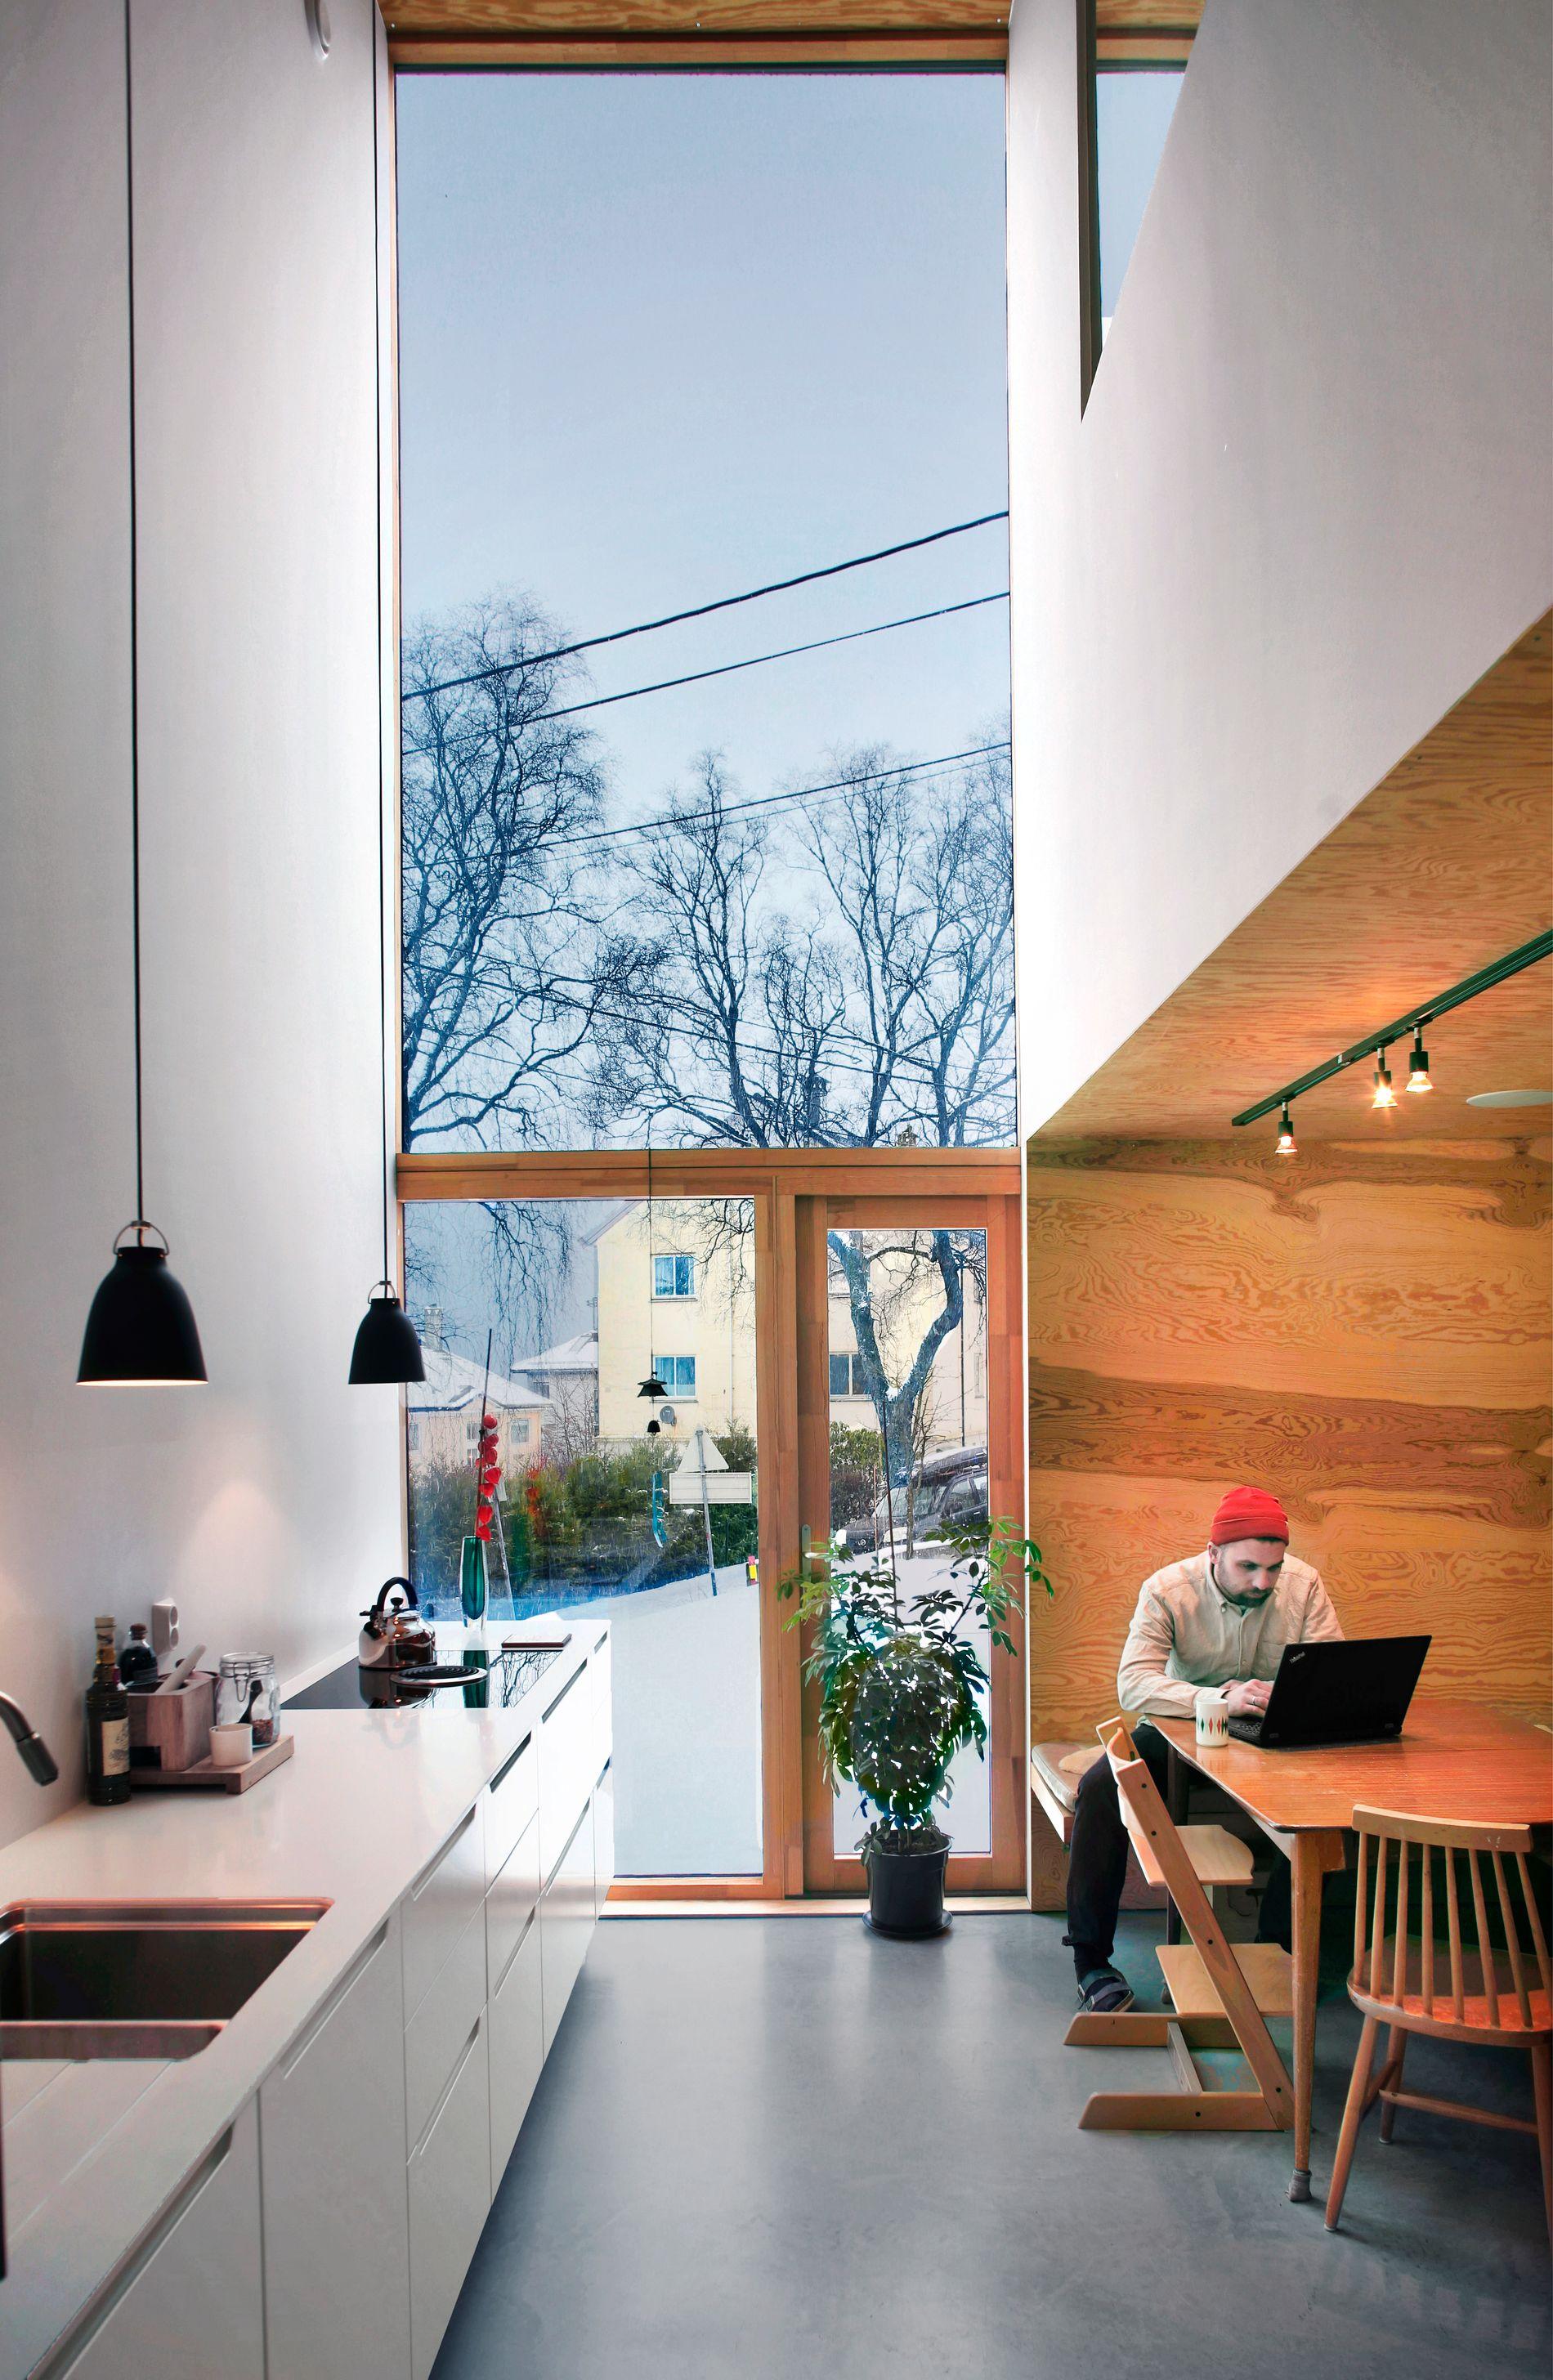 Arkitektparet ville at tomten og huset skulle bli billigere